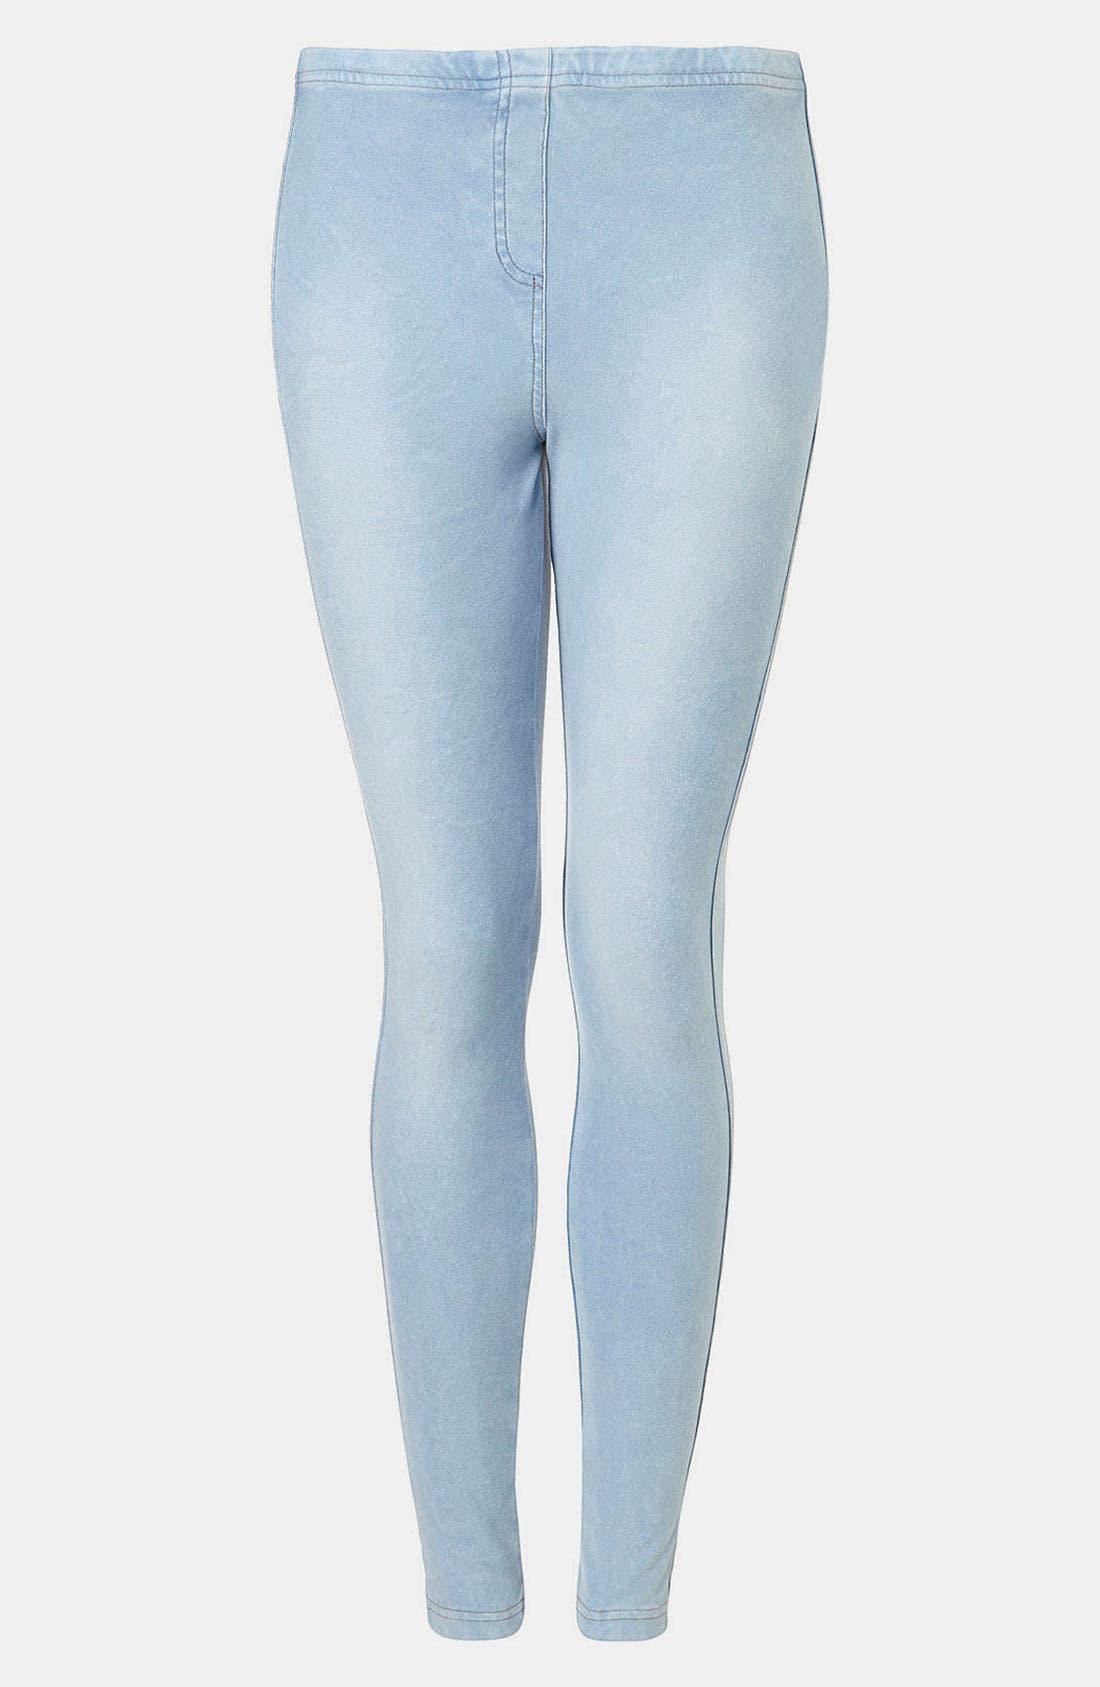 Alternate Image 1 Selected - Topshop Bleach-Wash Denim Leggings